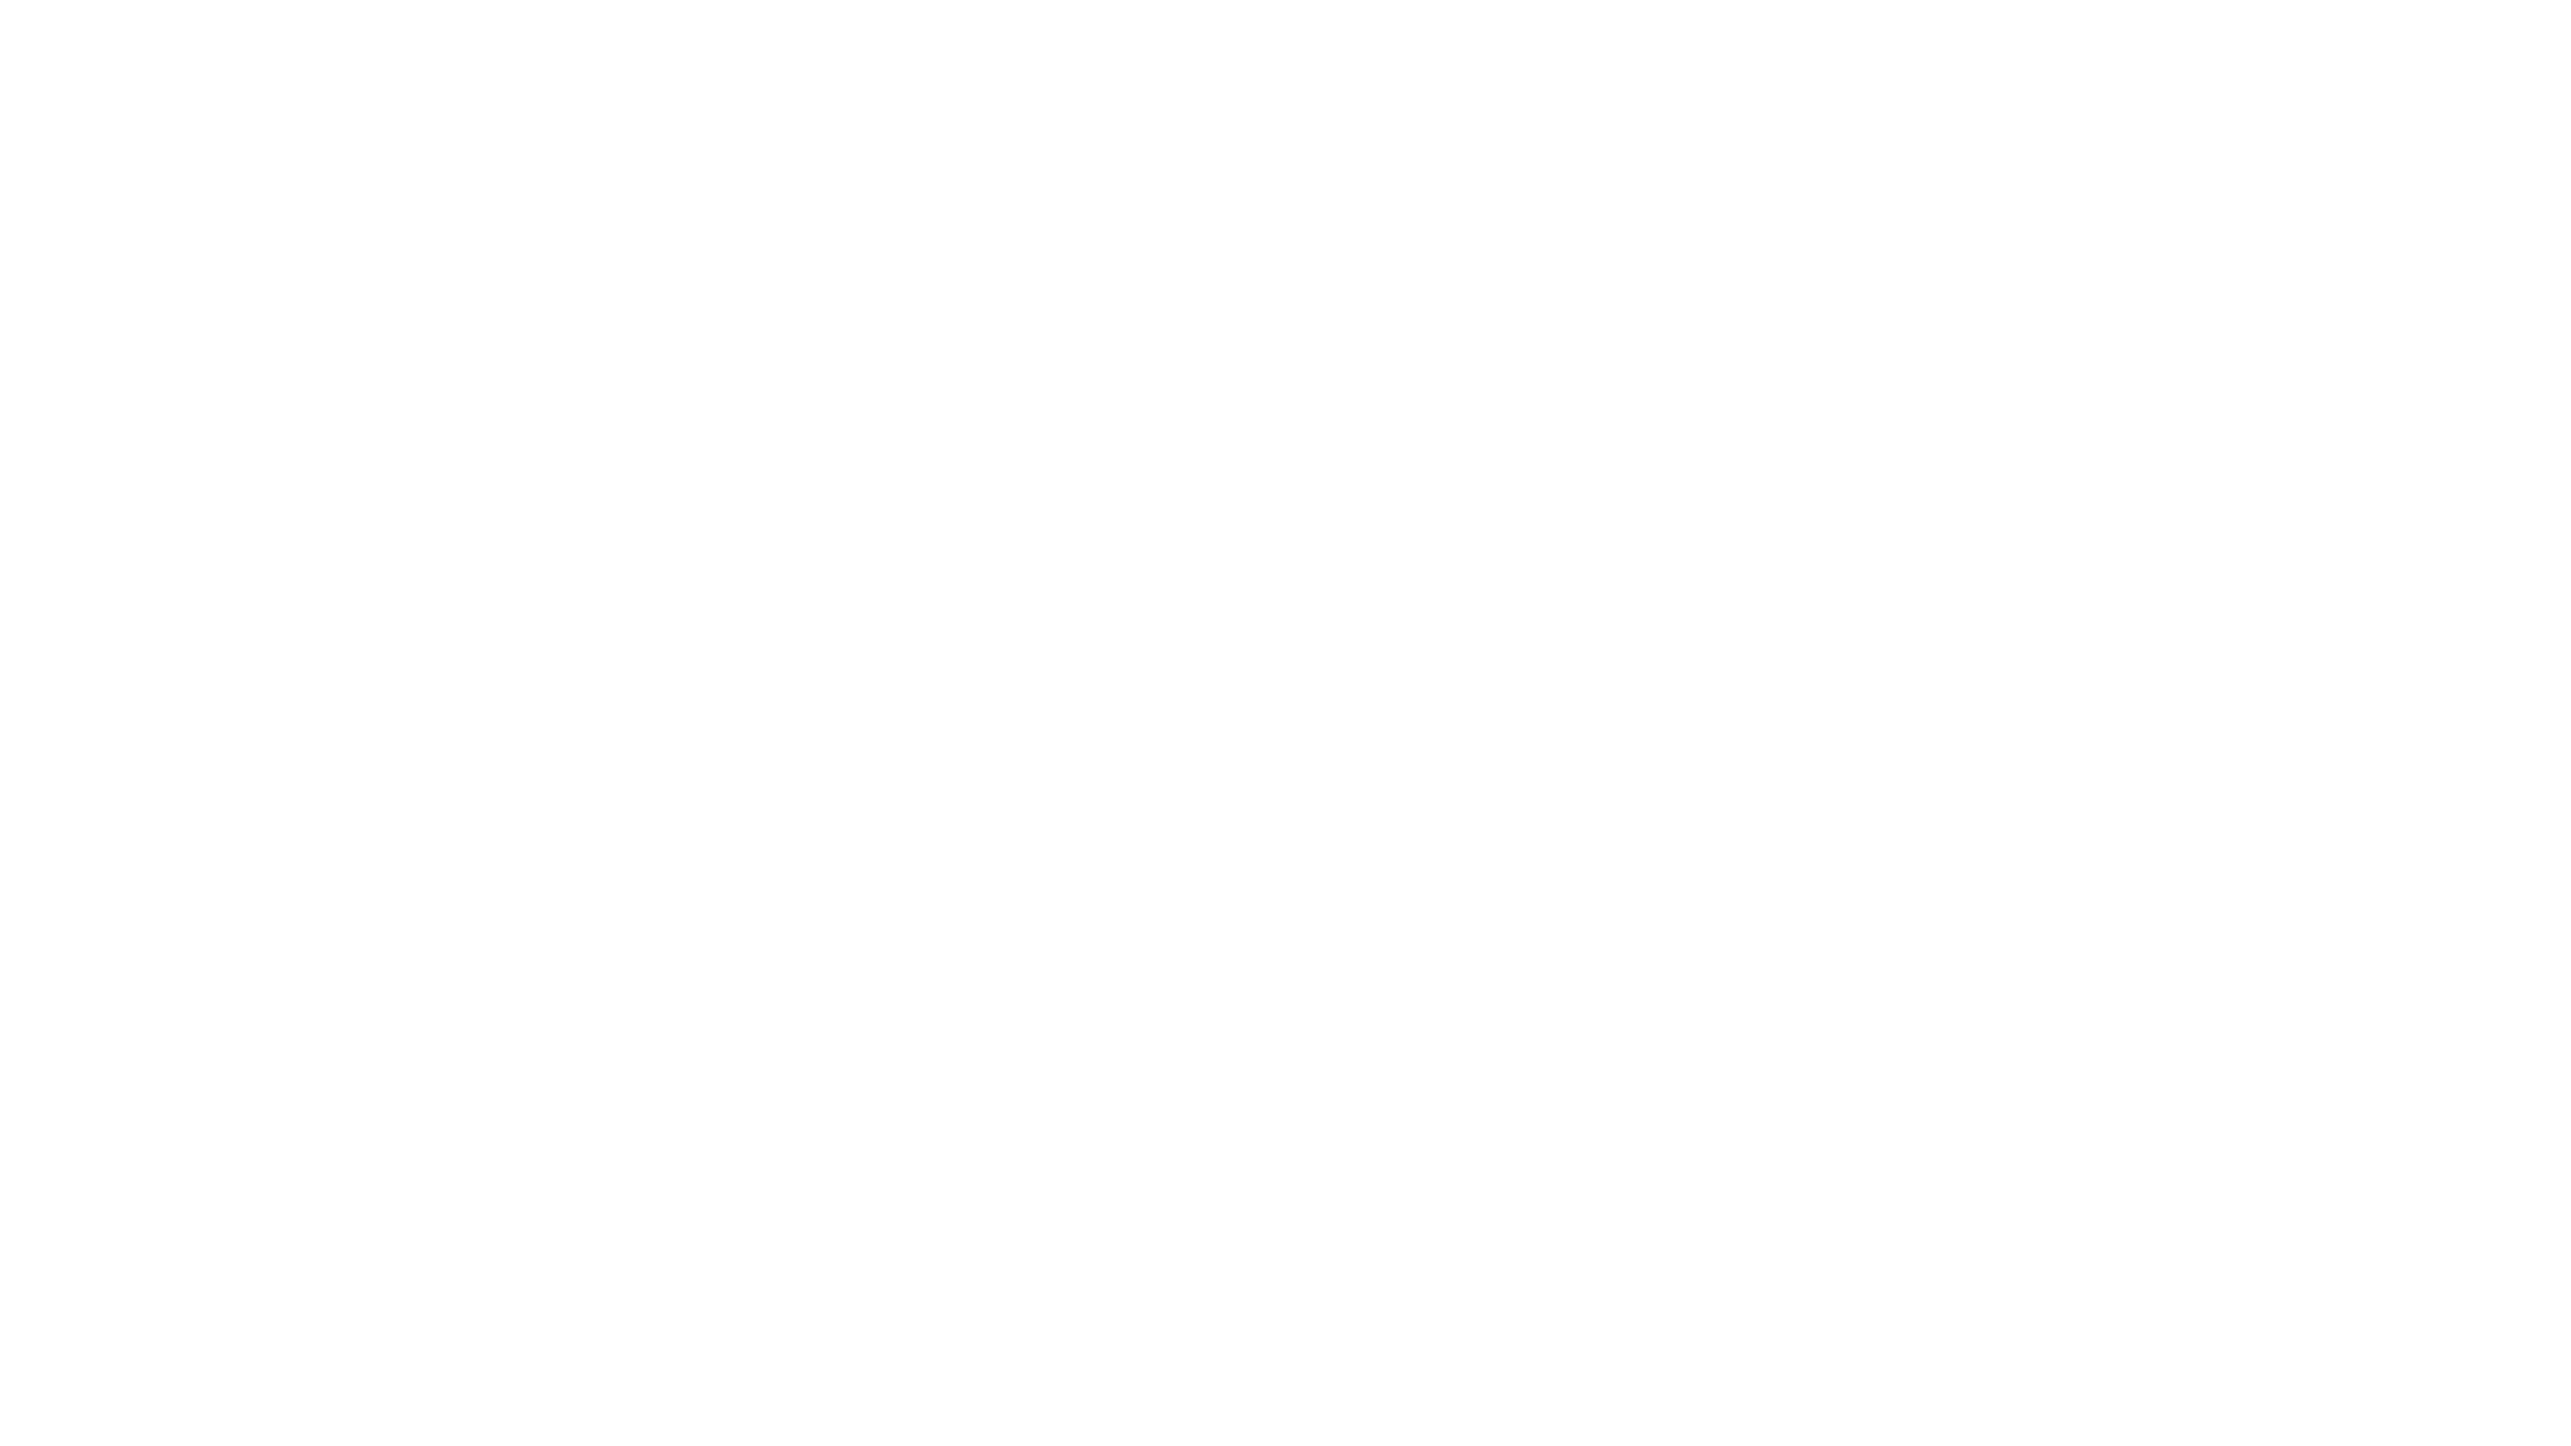 Teatro Silvio Pellico